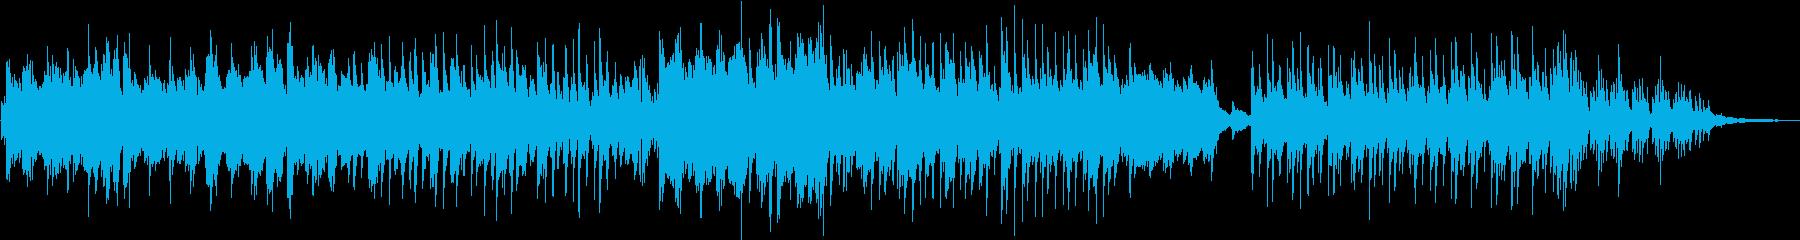 様々な映像に合う、たんたんとしたピアノ曲の再生済みの波形